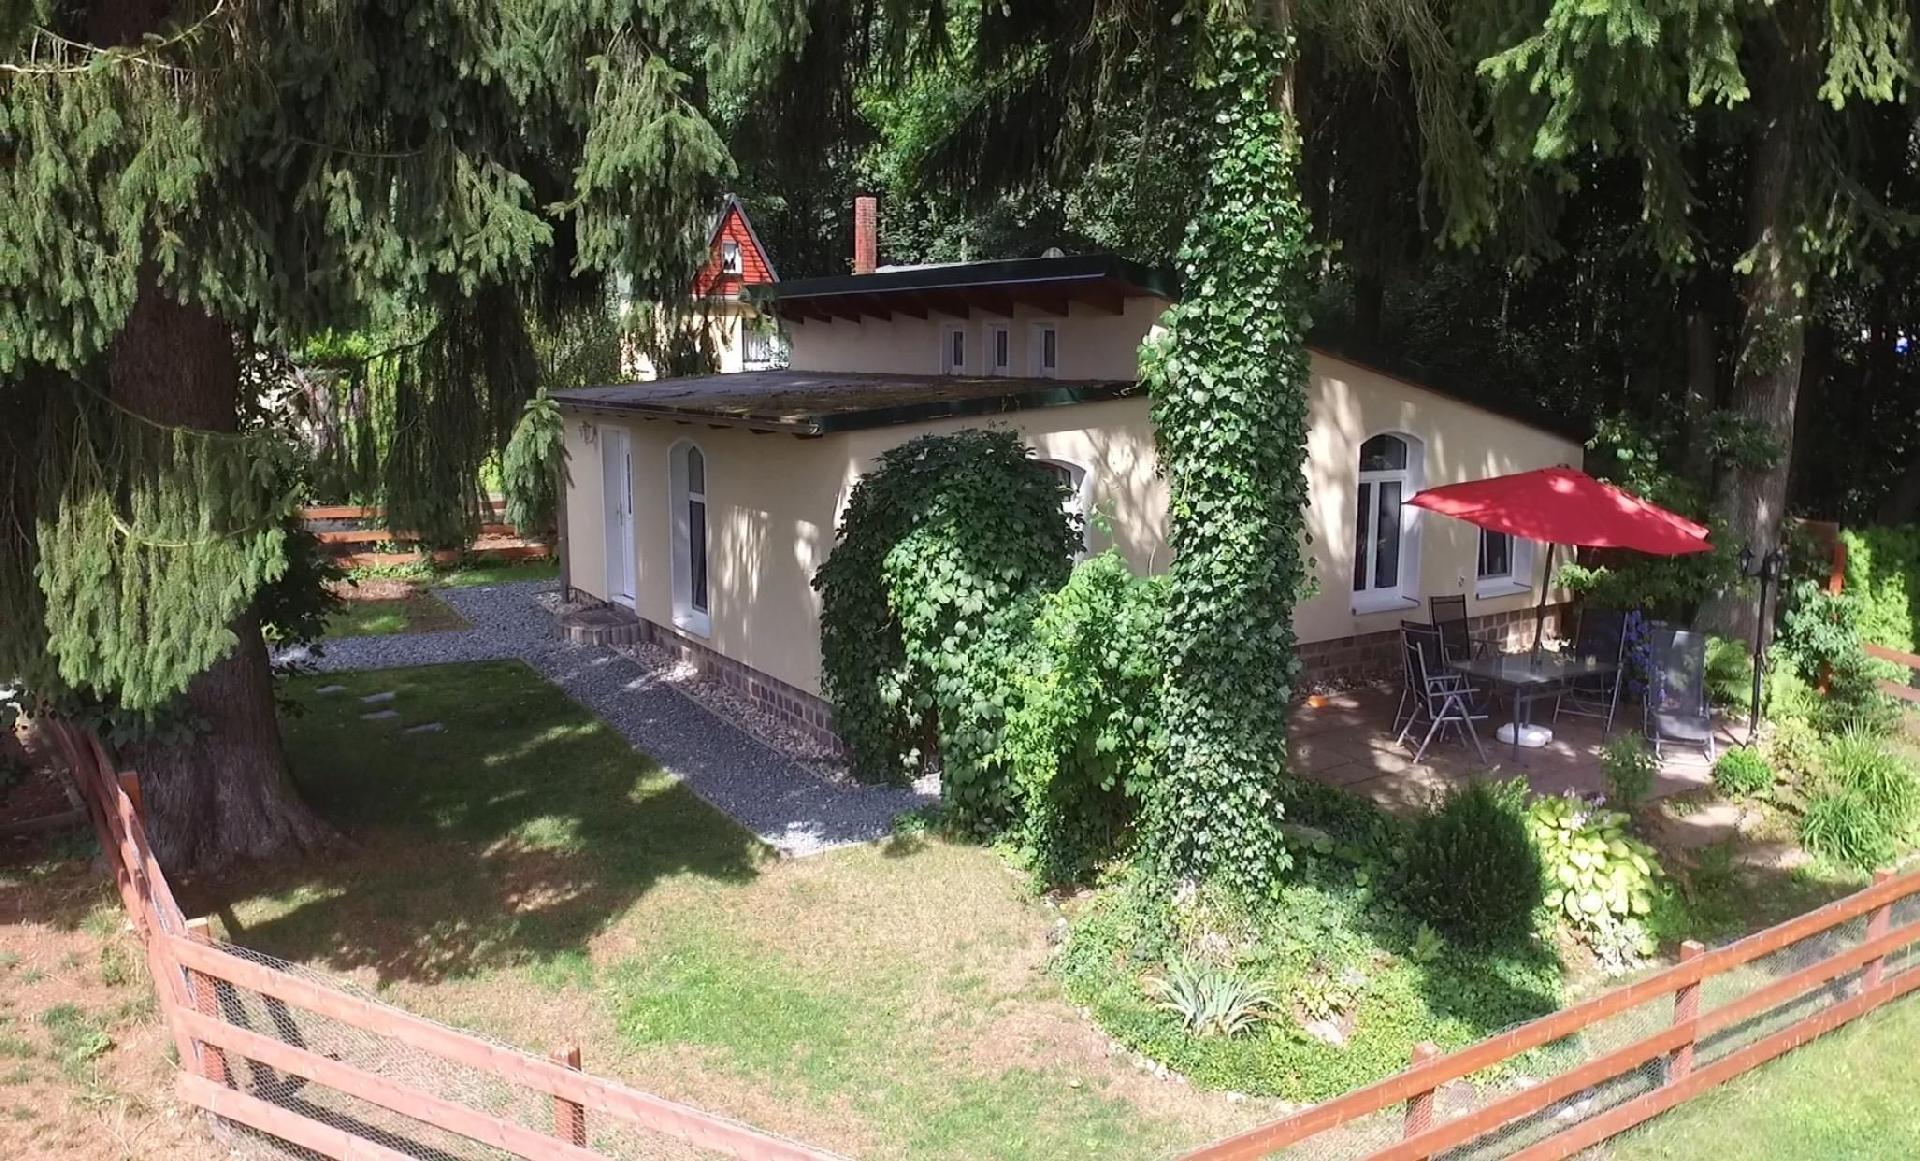 Ferienhaus für 2 Personen  + 1 Kind ca. 50 m&  in Sachsen